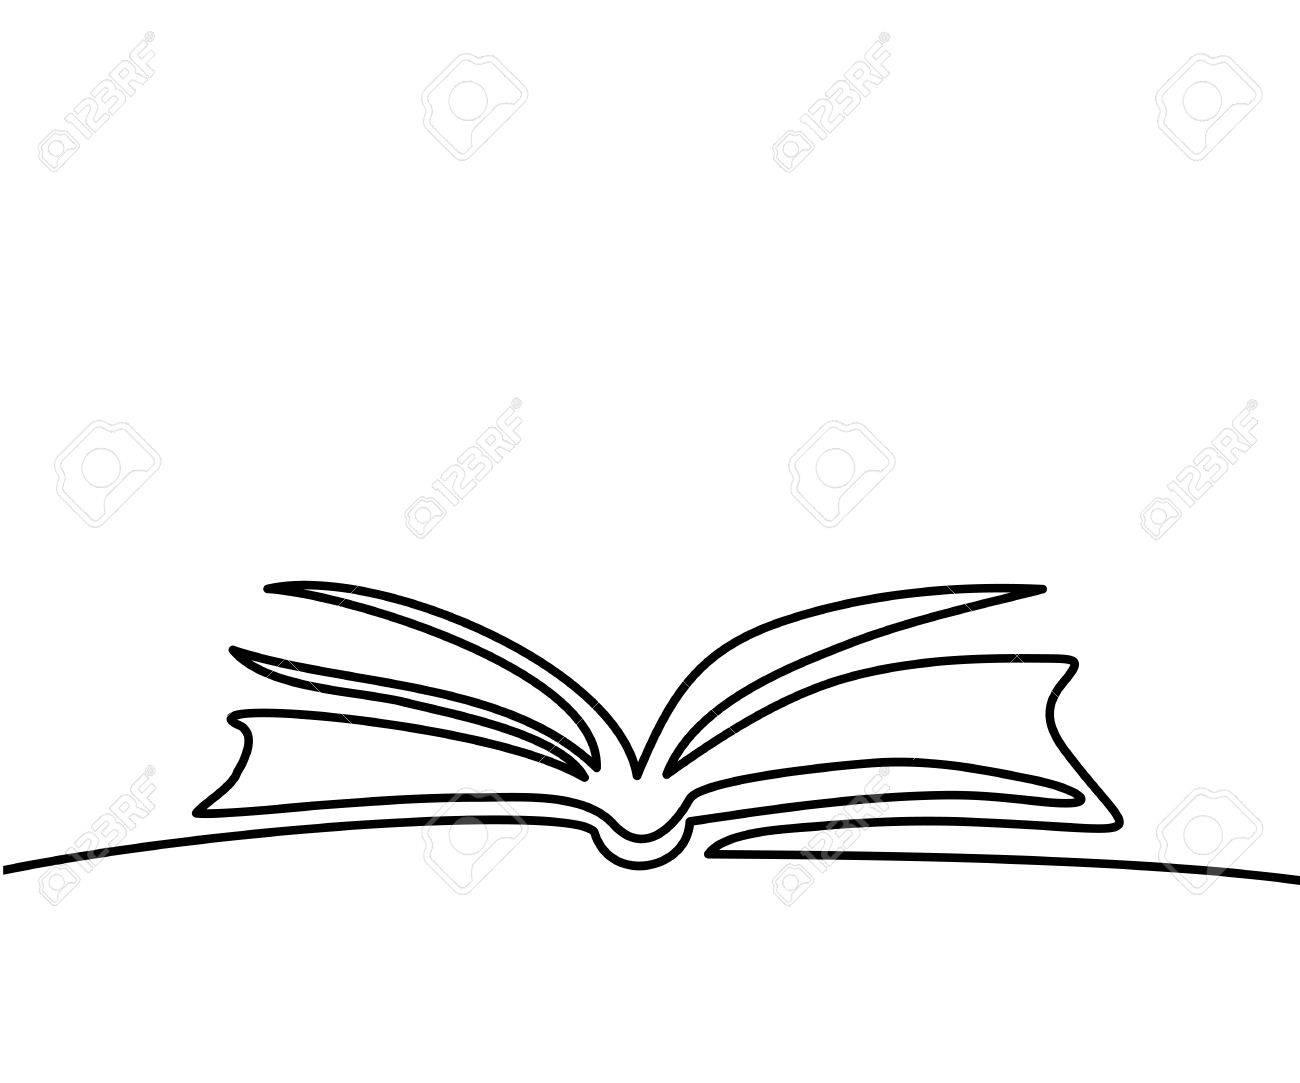 foto de archivo libro abierto con pginas aisladas en blanco dibujo lineal continuo ilustracin del vector